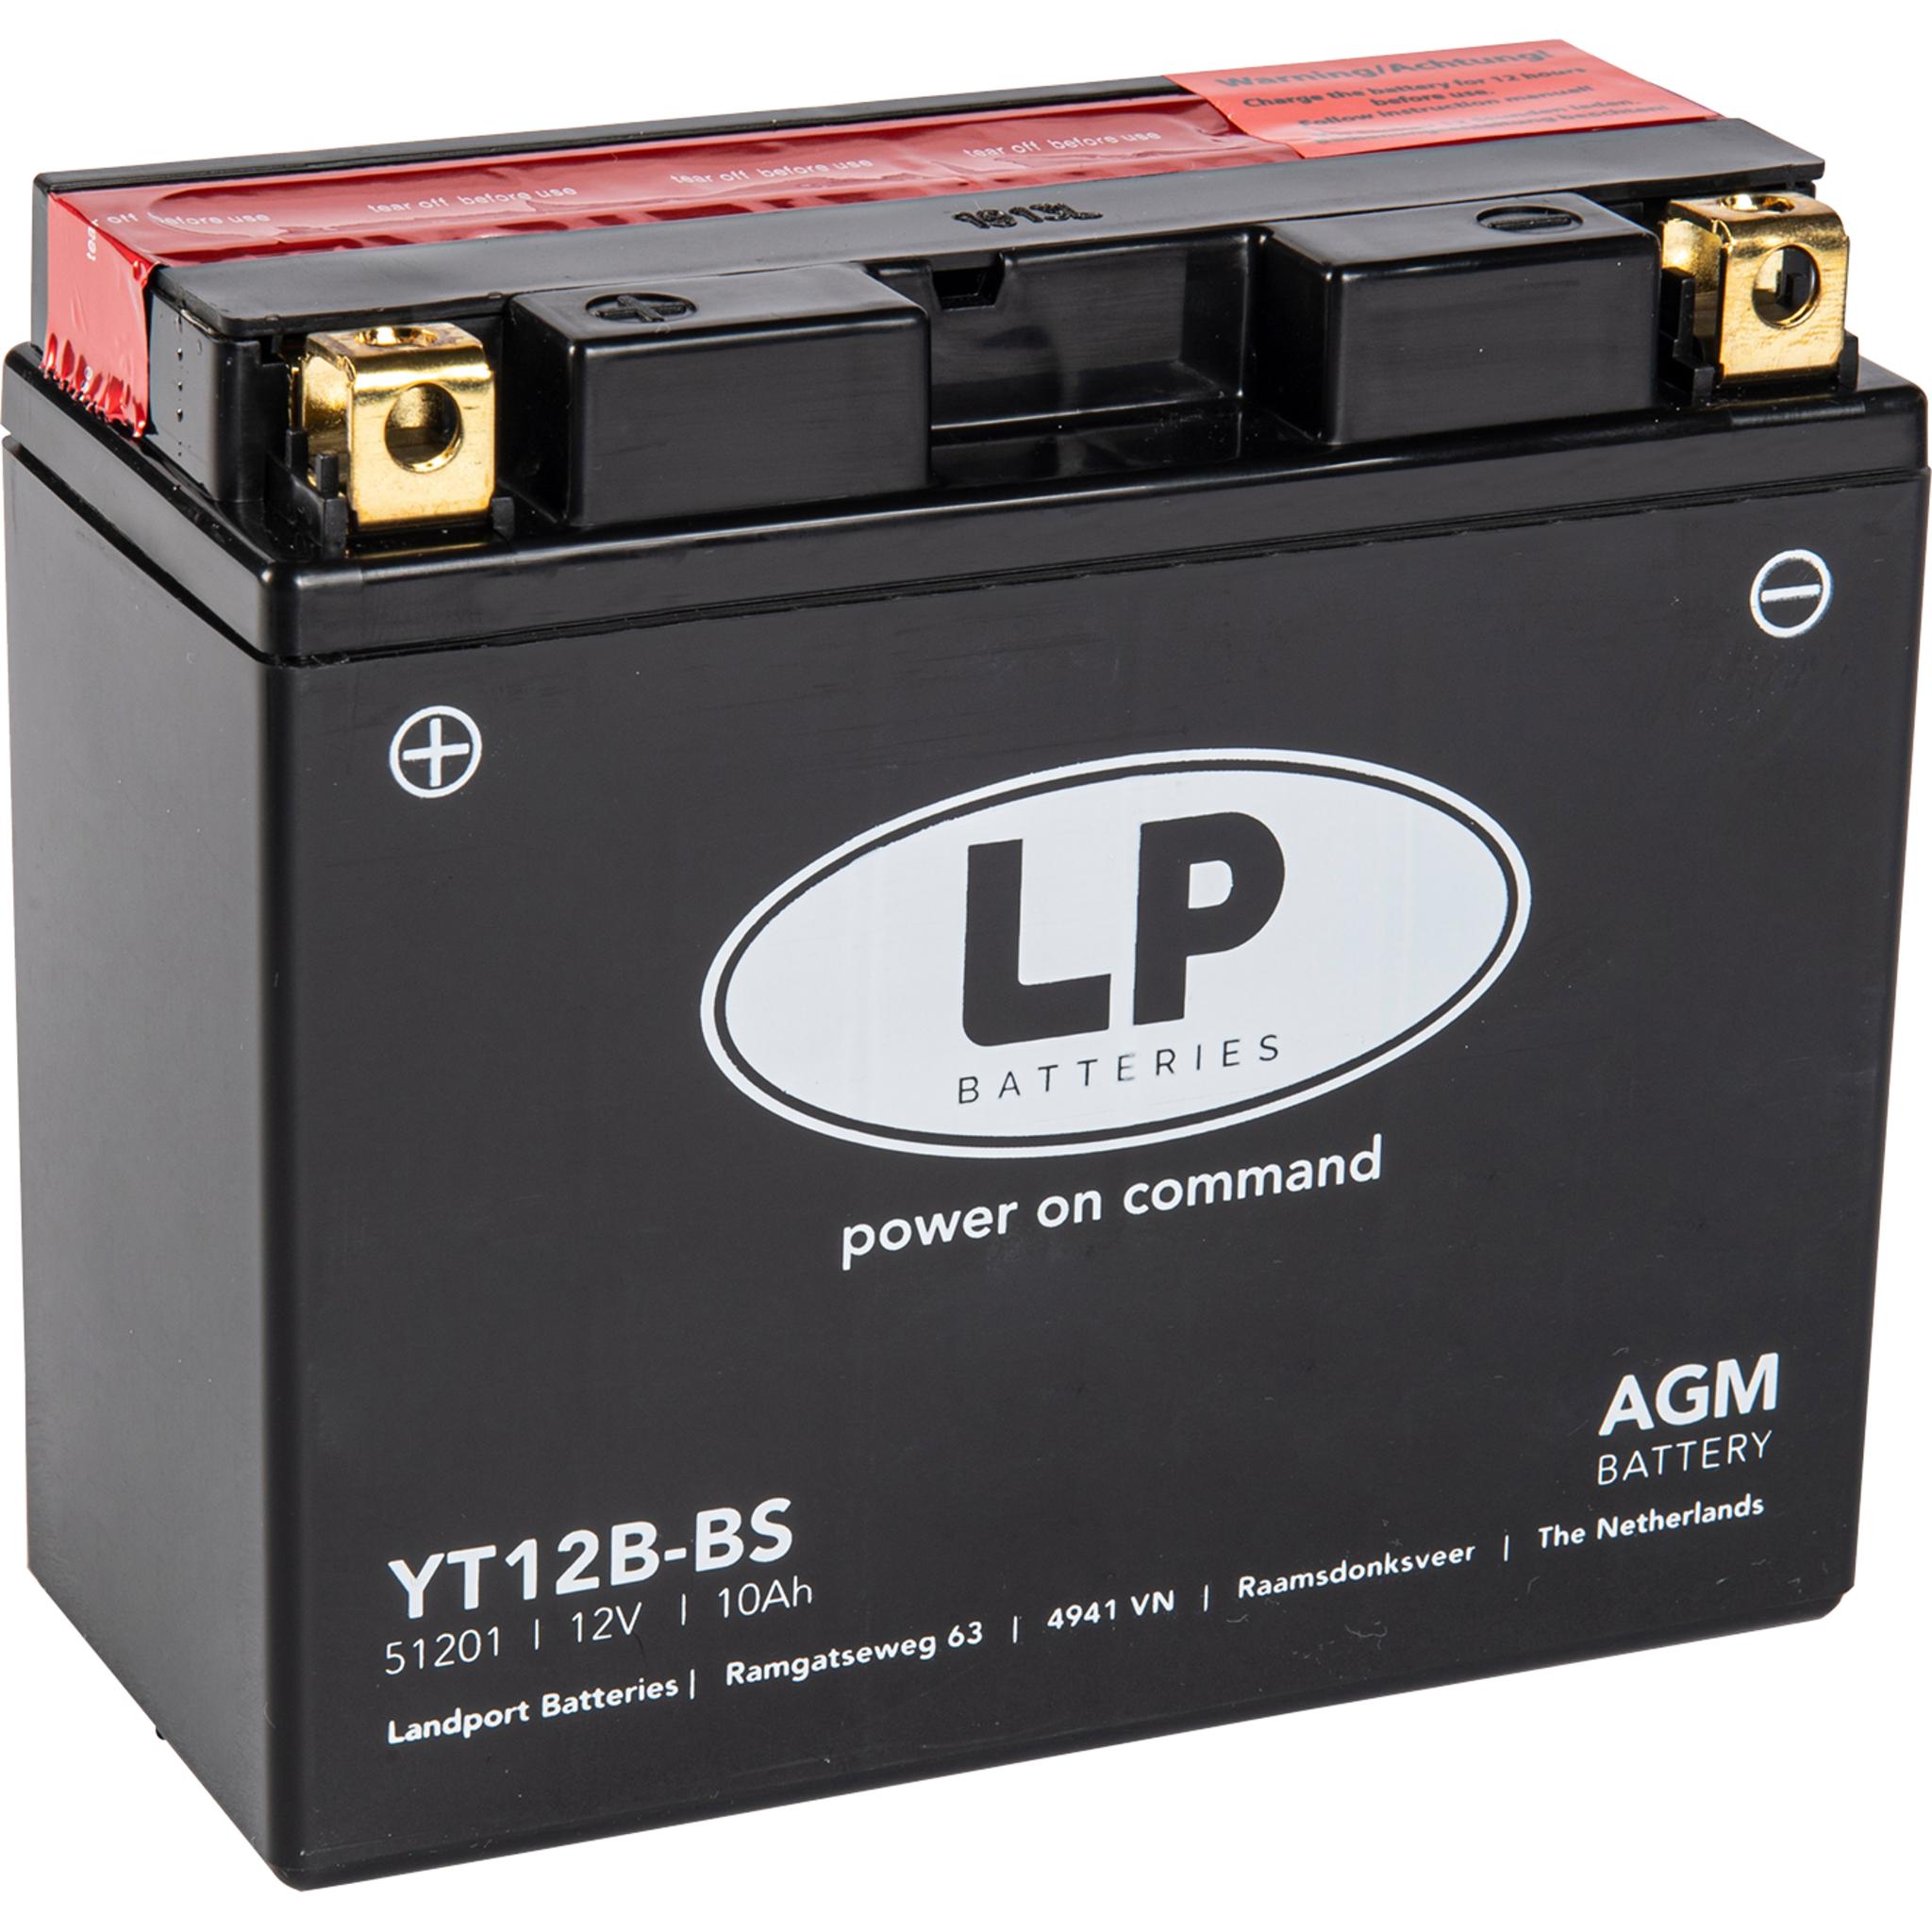 Аккумулятор Landport YT12B-BS, 12V, AGM